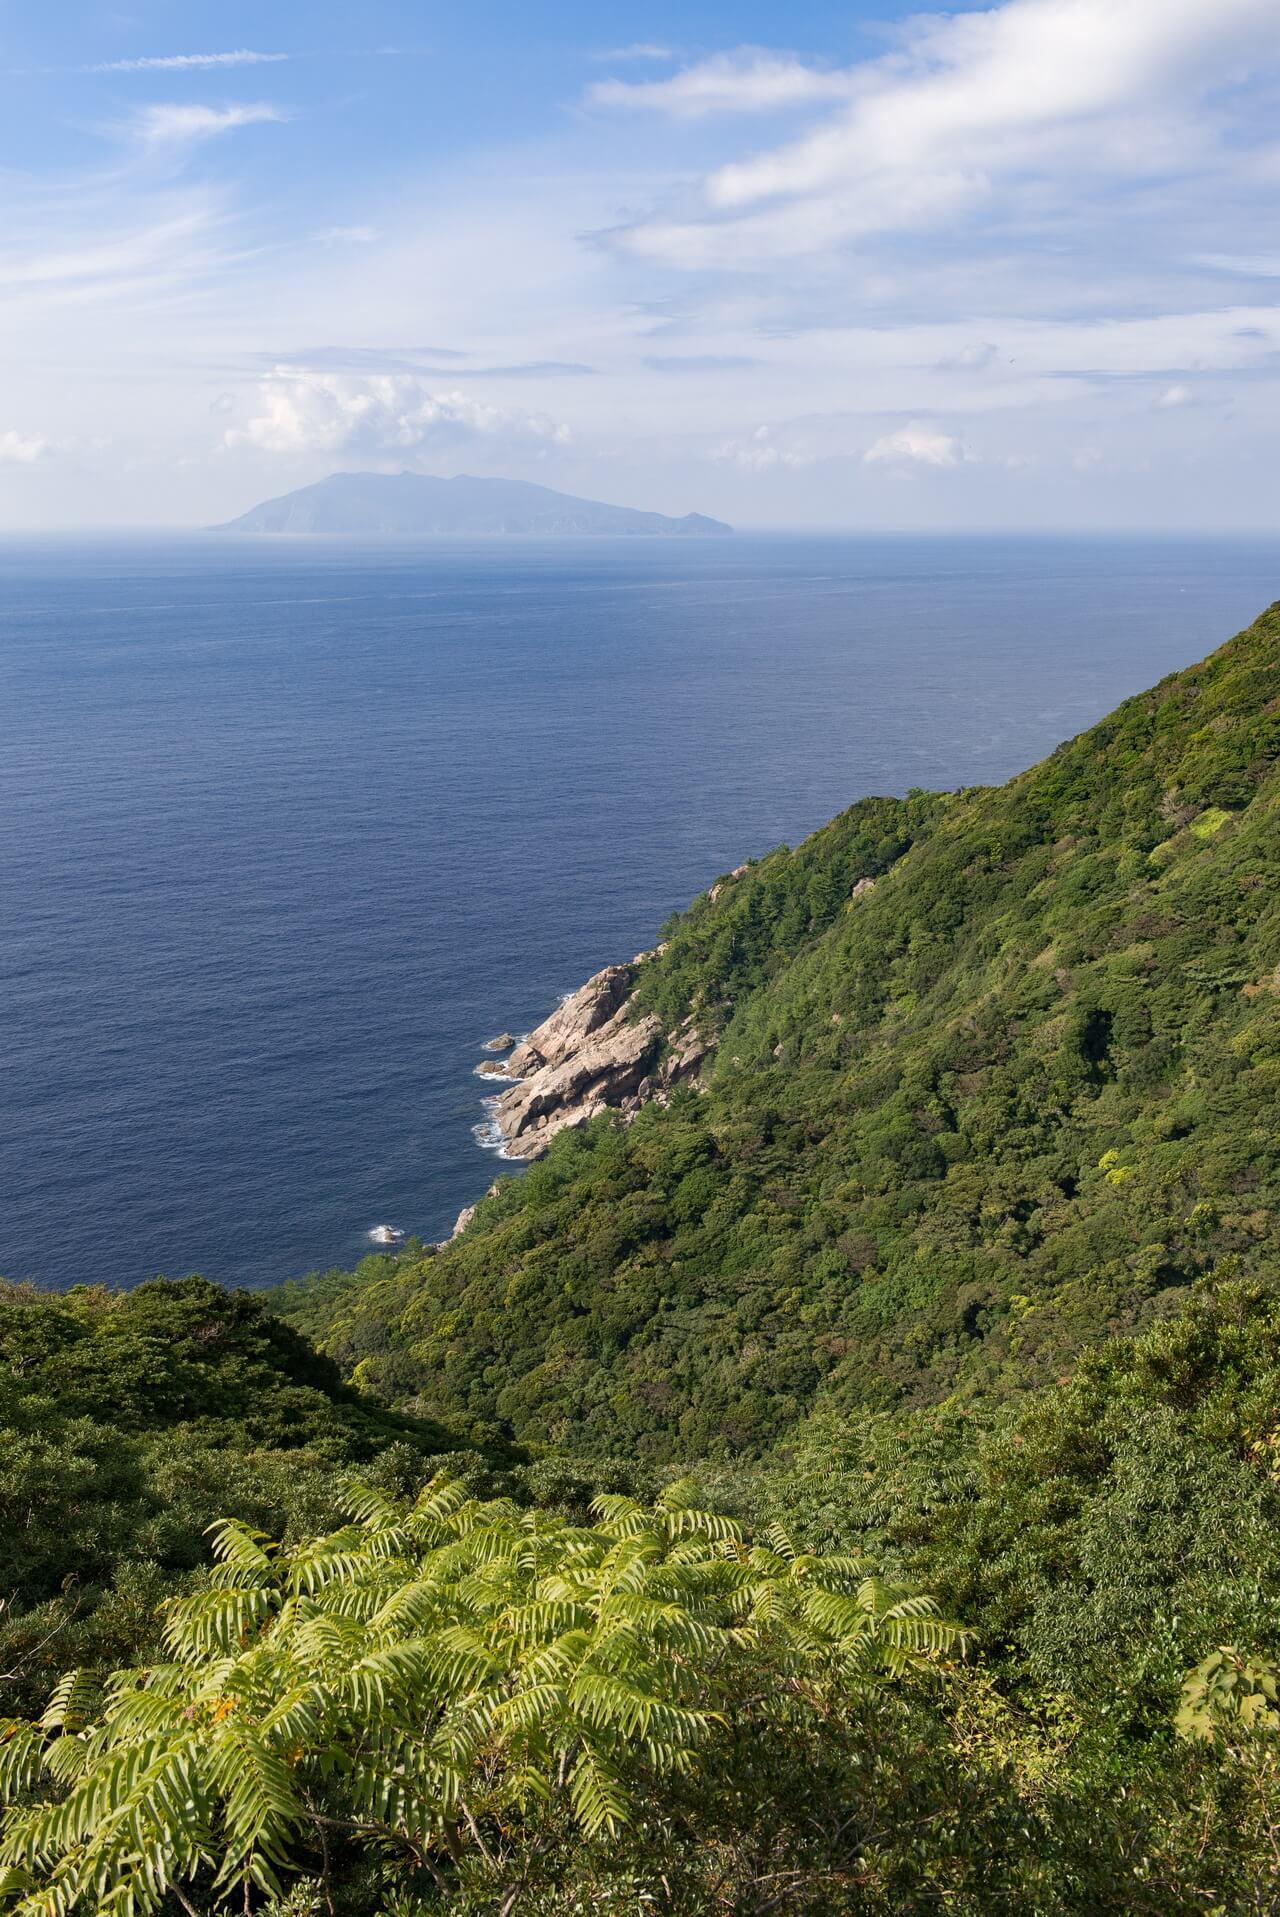 Japan: Yakushima Island west coast, Fotograf: Steffen Lohse